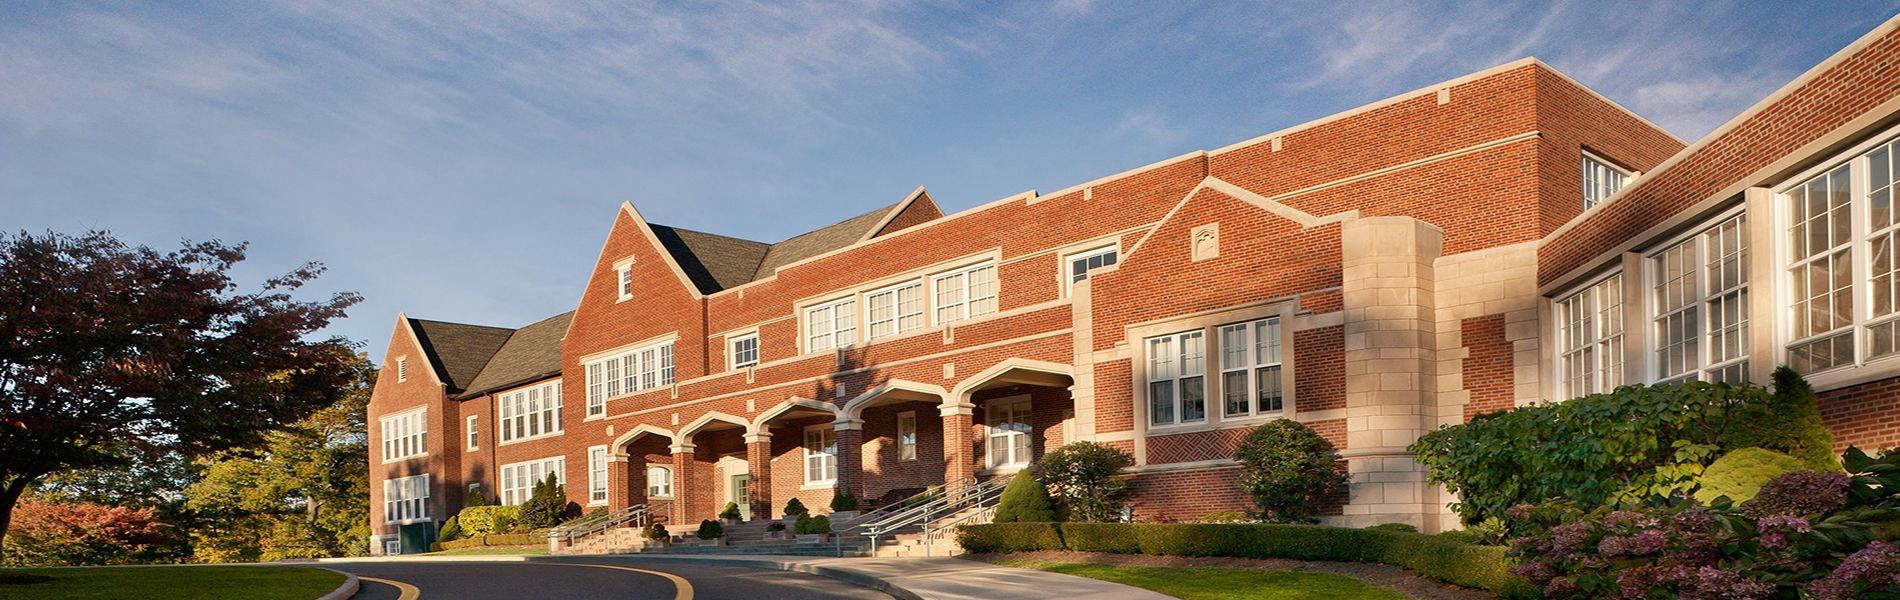 Green's Farms Elementary School Westport